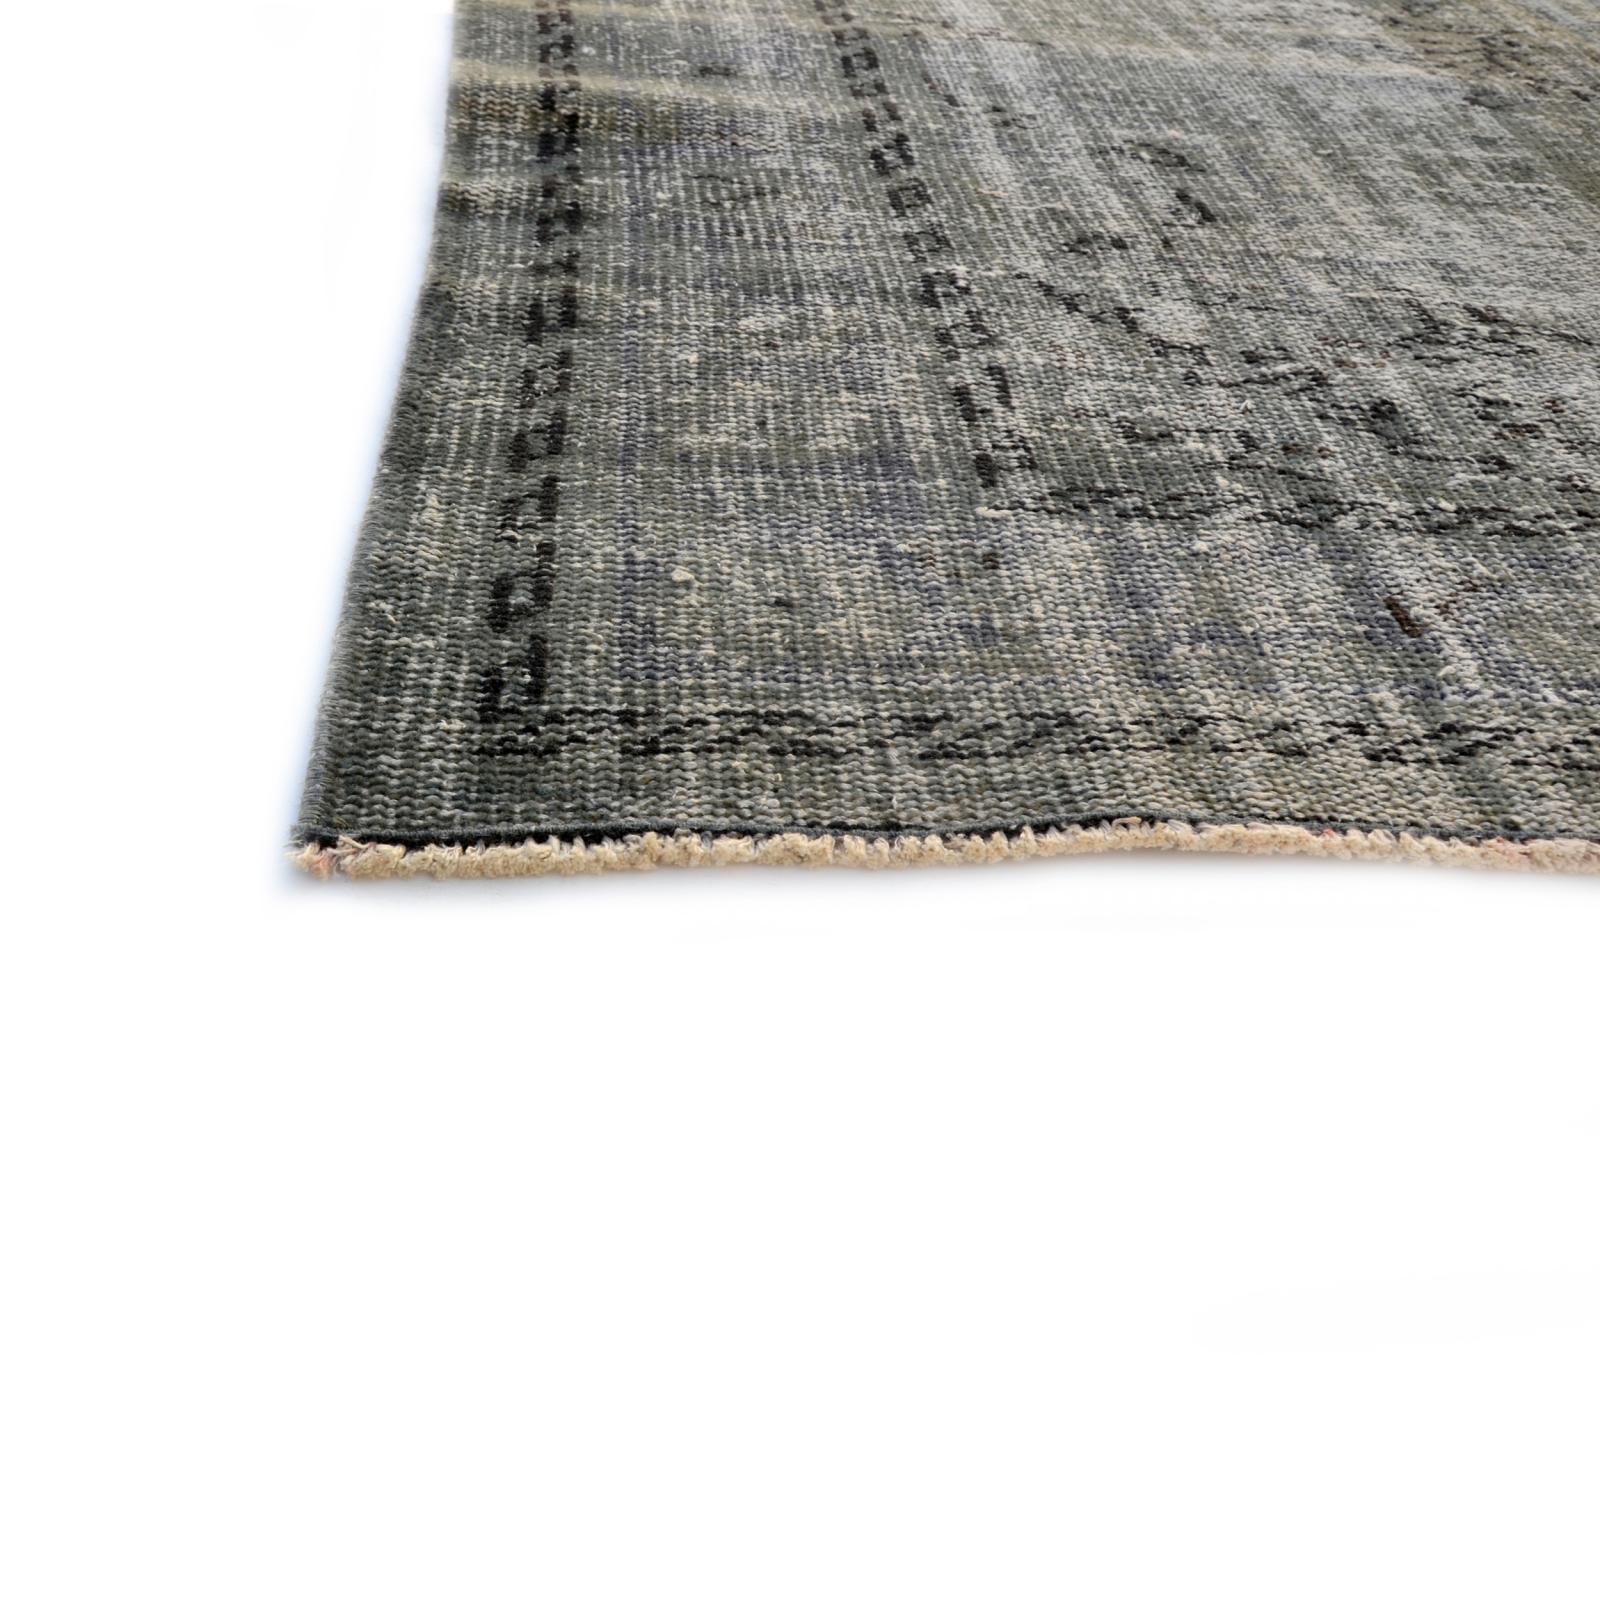 grau vintage umgef rbt teppich 267x167cm. Black Bedroom Furniture Sets. Home Design Ideas